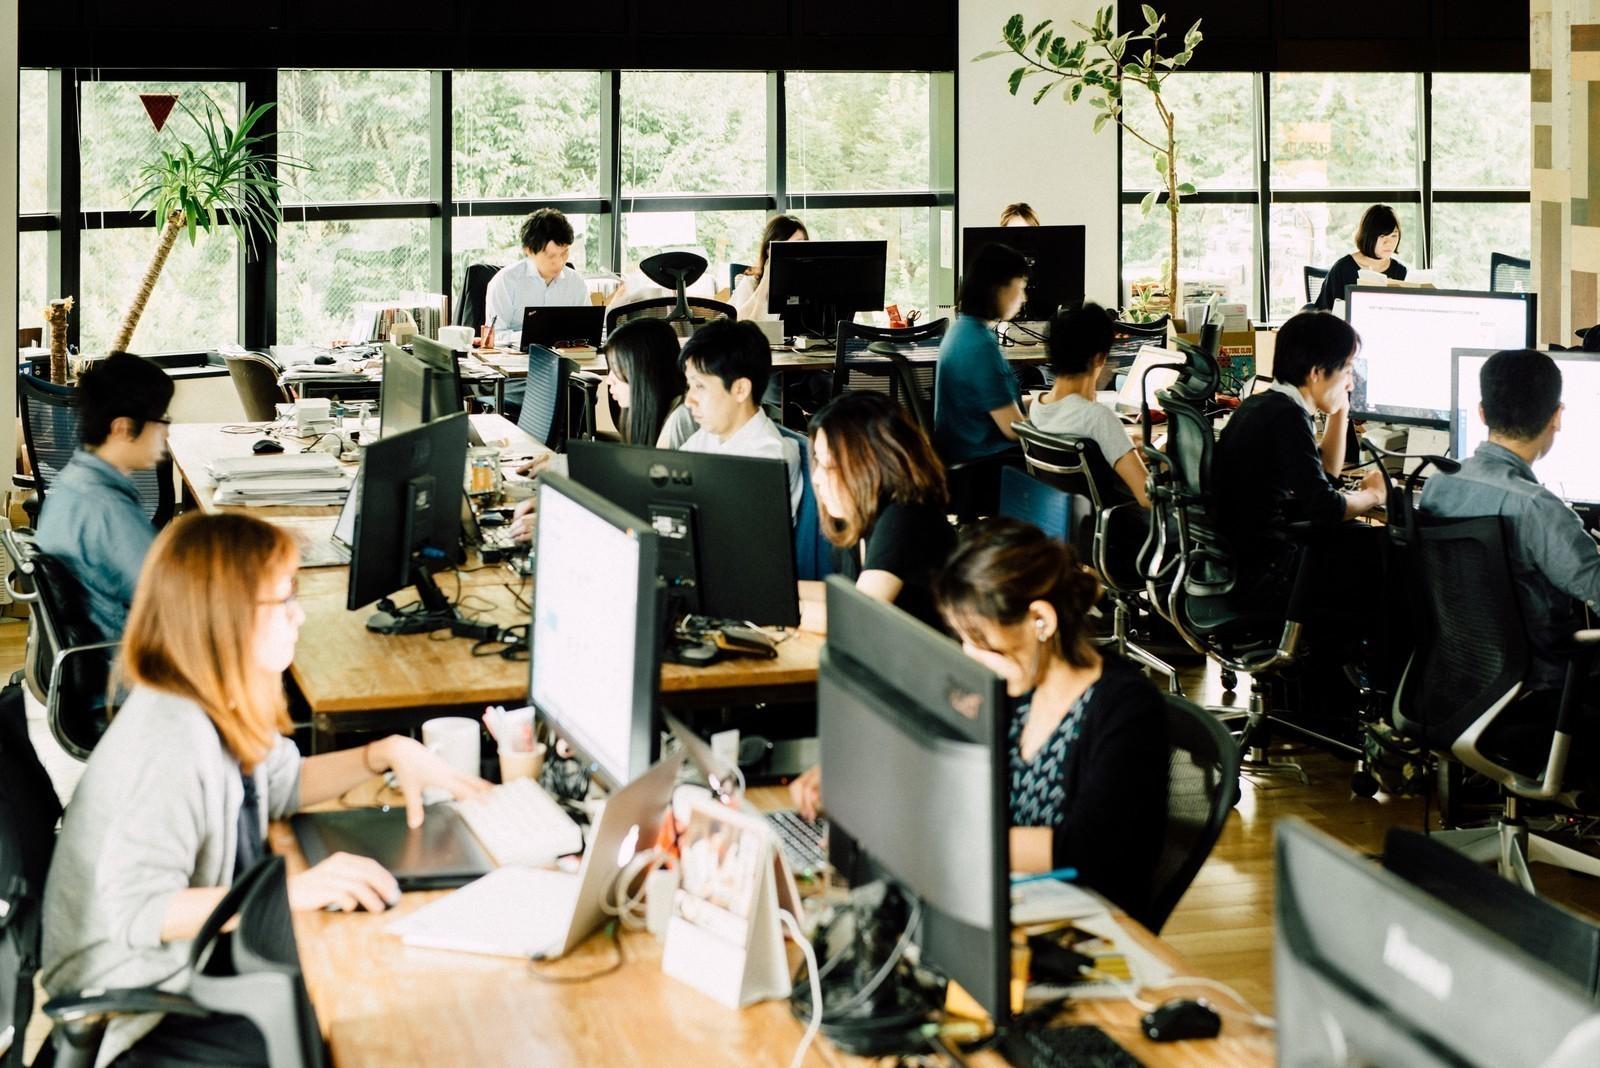 【クラウドインフラエンジニア】「日常にあるべき」革新的デジタルサービスを支えるクラウドインフラエンジニアを募集!